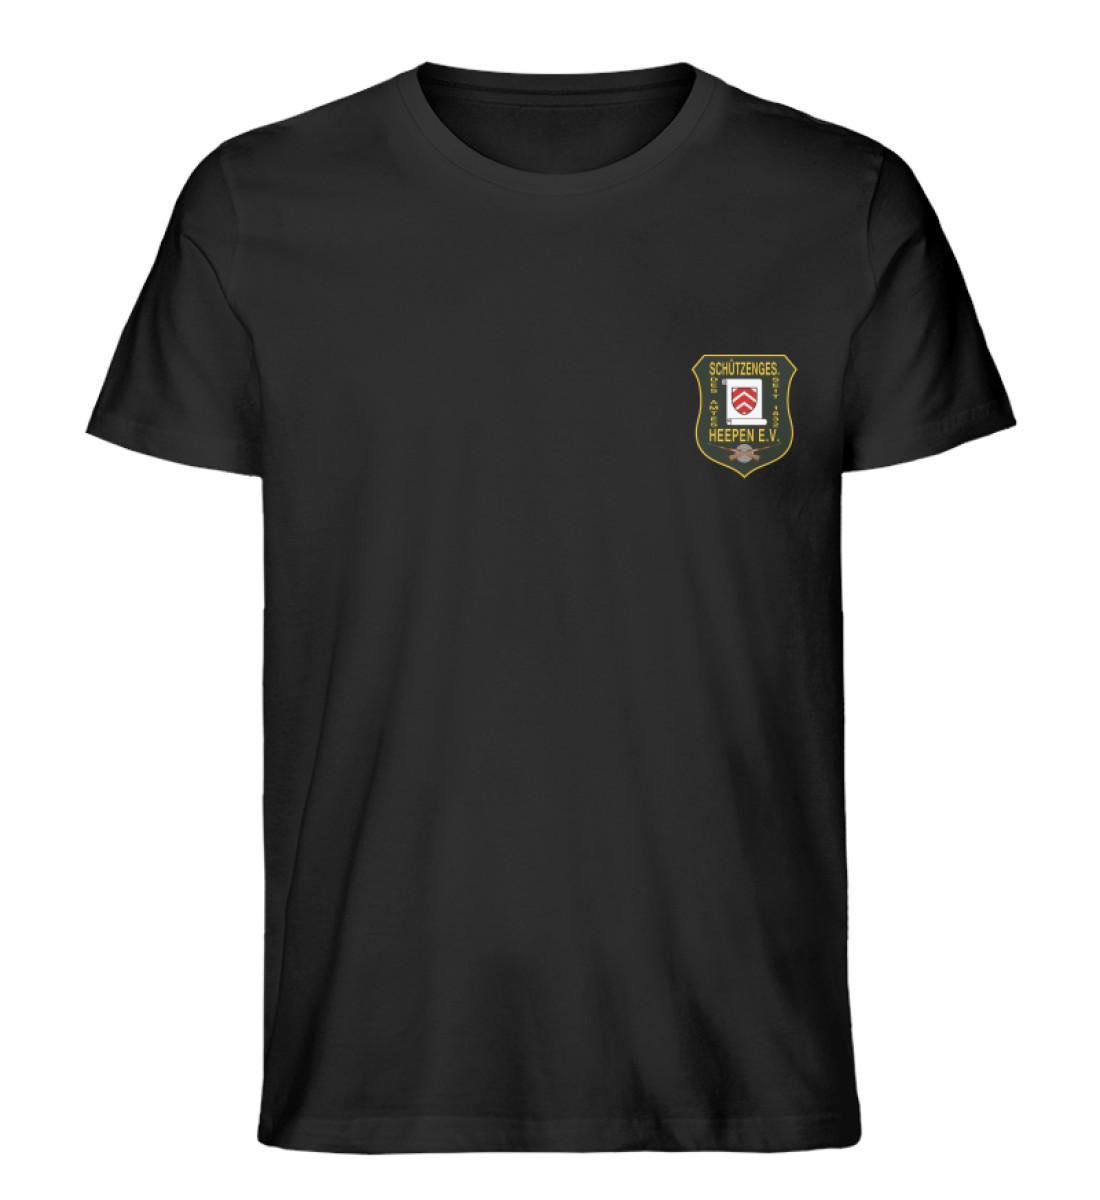 Schützengesellschaft Heepen - Herren Premium Organic Shirt-16